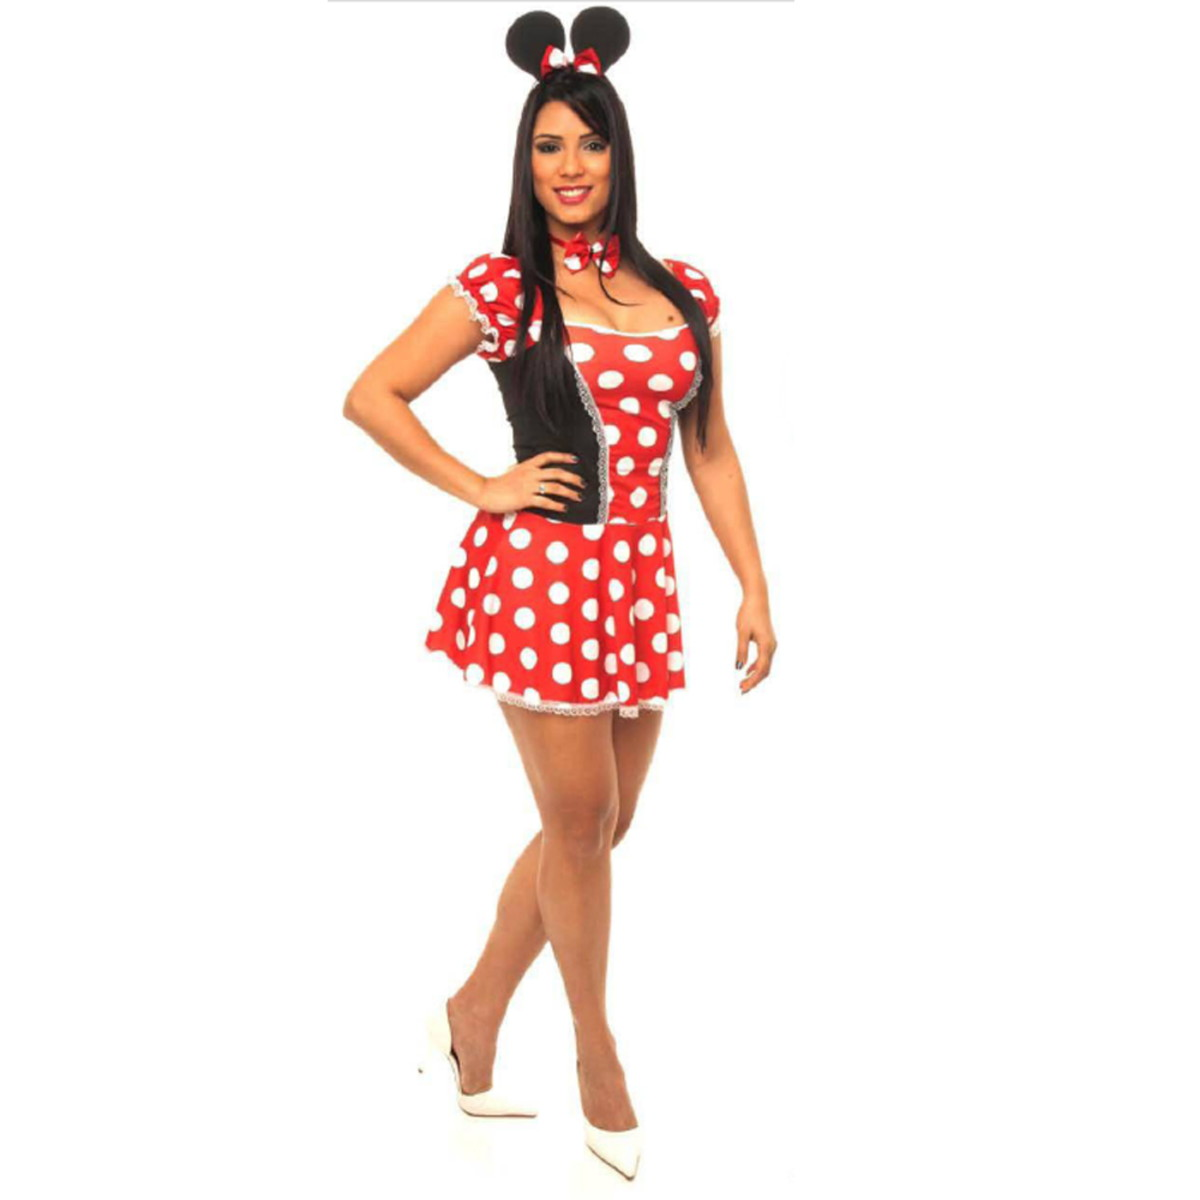 Fantasia Minnie Sexy Feminina Carnaval Mickey Mouse Disney no Elo7 ... 8ed358df0f6